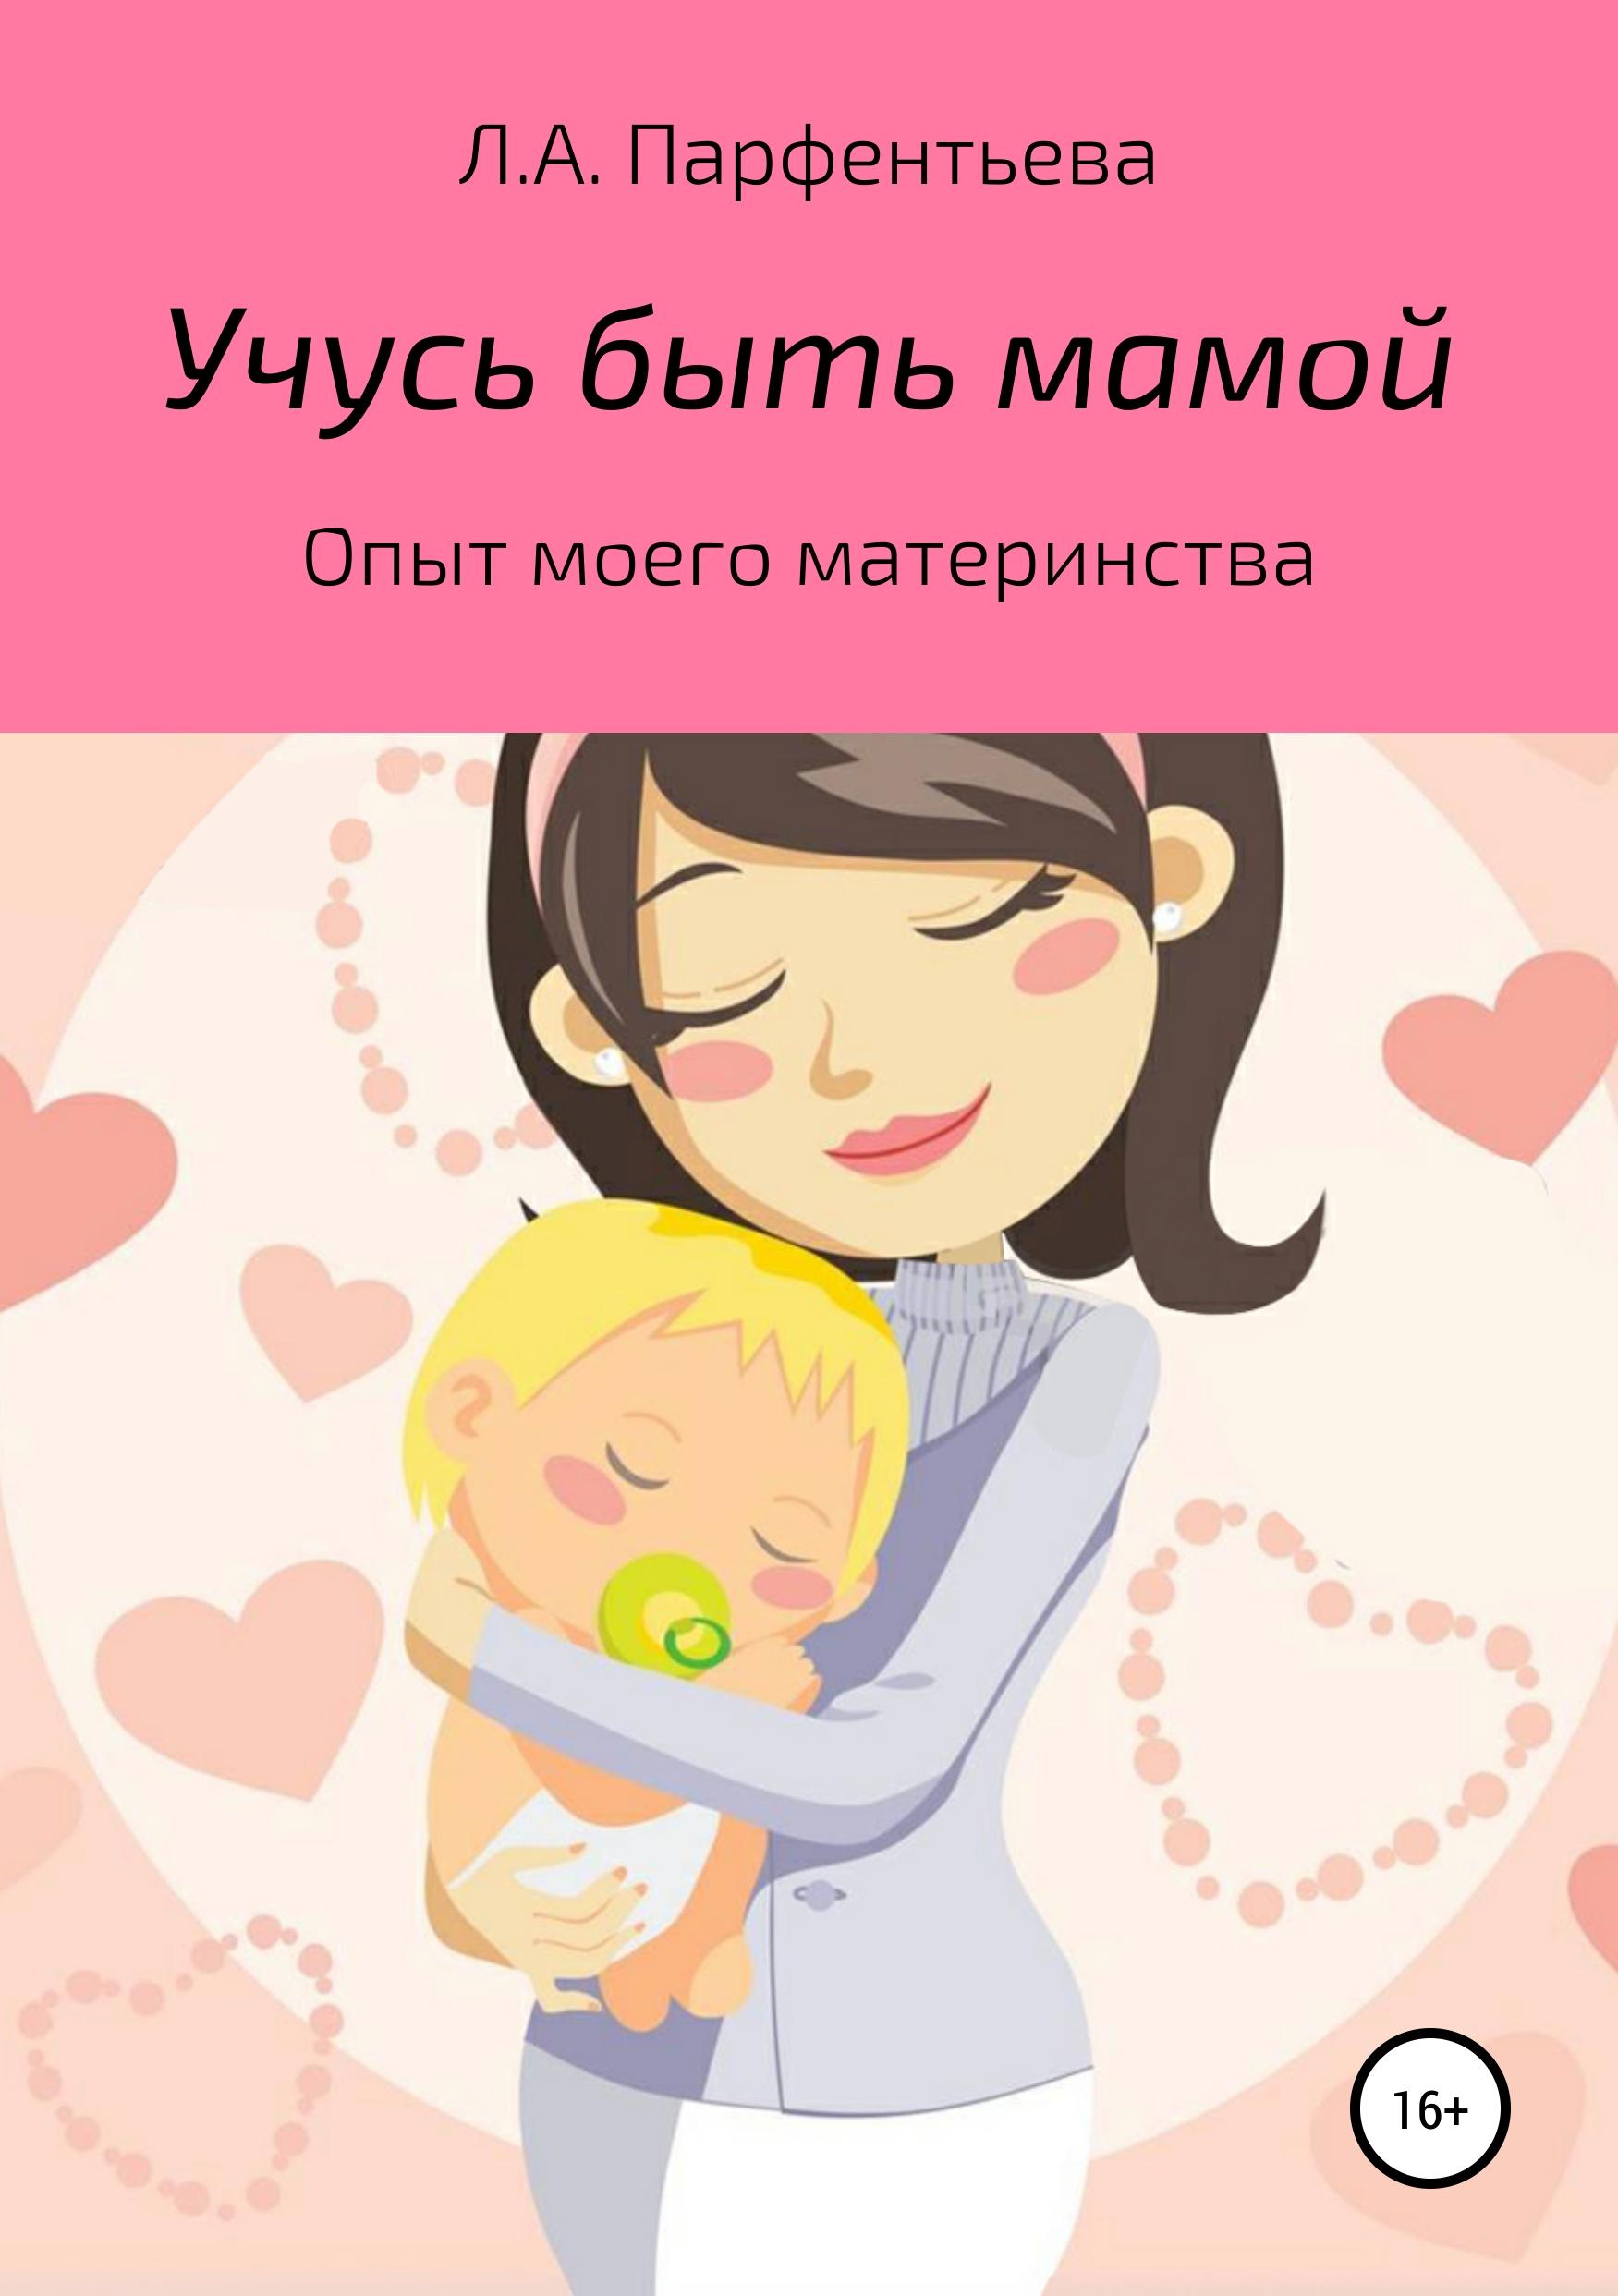 Л. А. Парфентьева Учусь быть мамой дарья донцова я очень хочу жить мой личный опыт